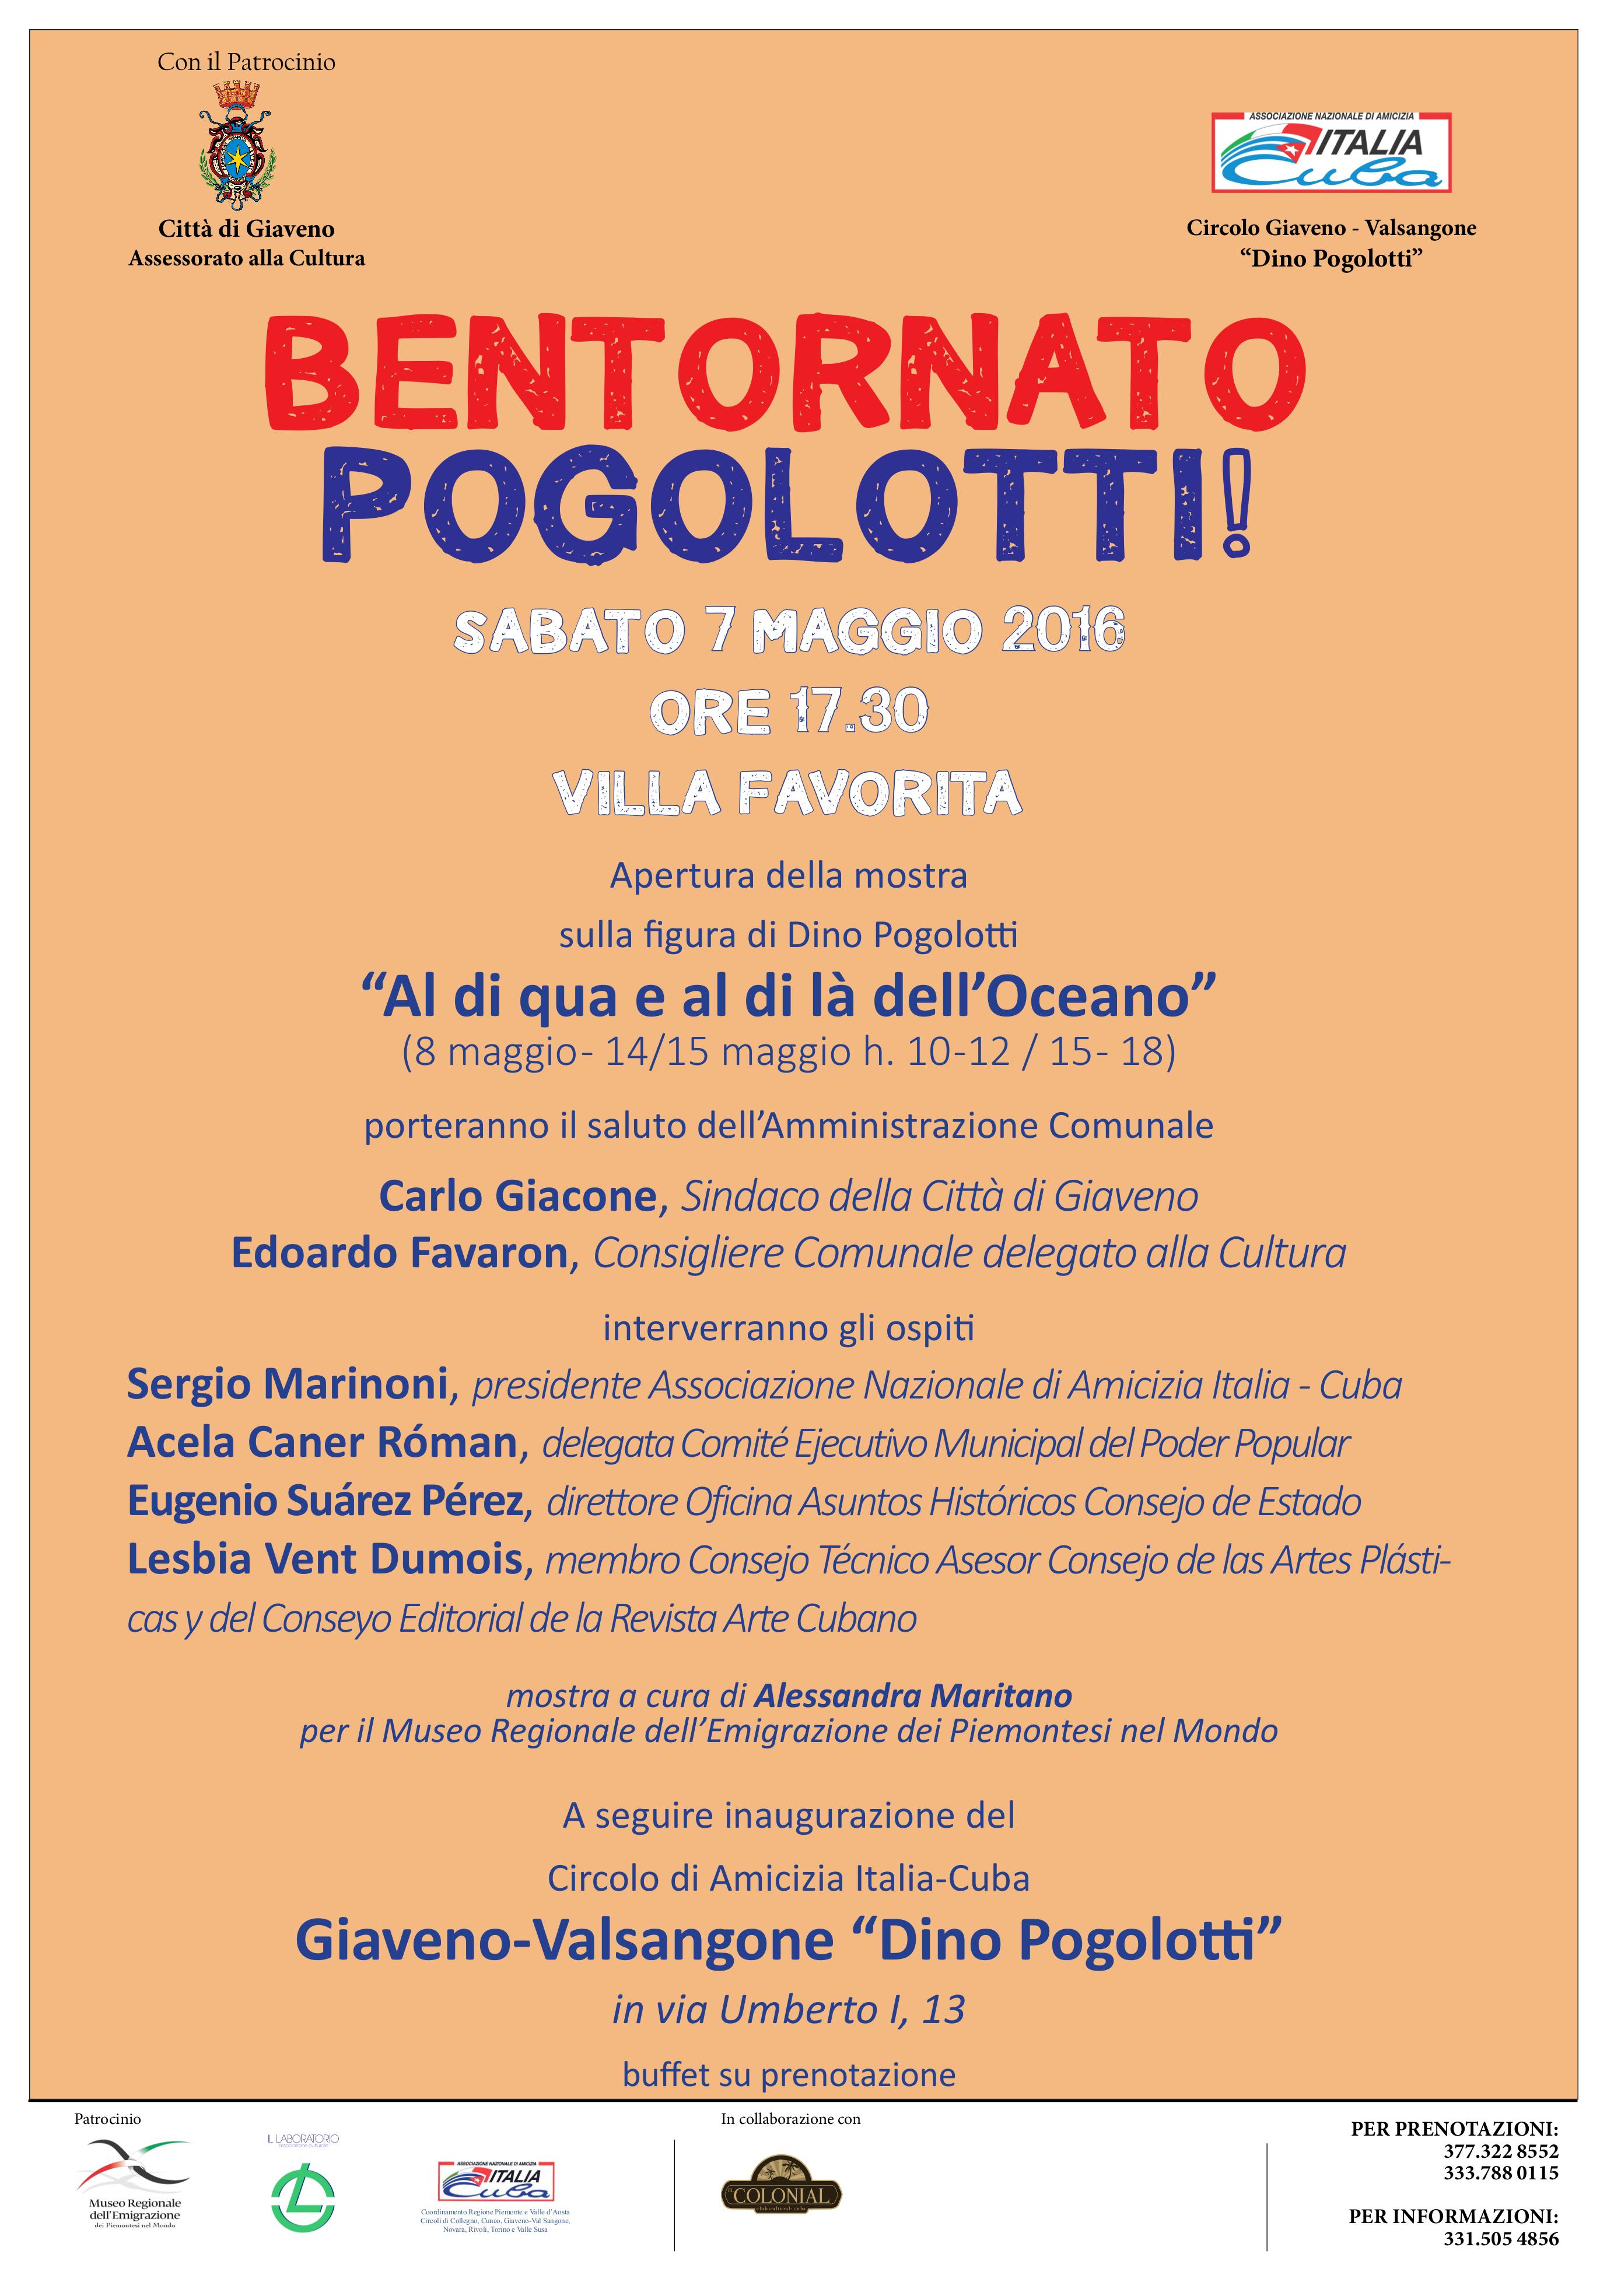 Bentornato Pogolotti !  Mostra a Villa Favorita visitabile il 14 e 15 maggio 2016